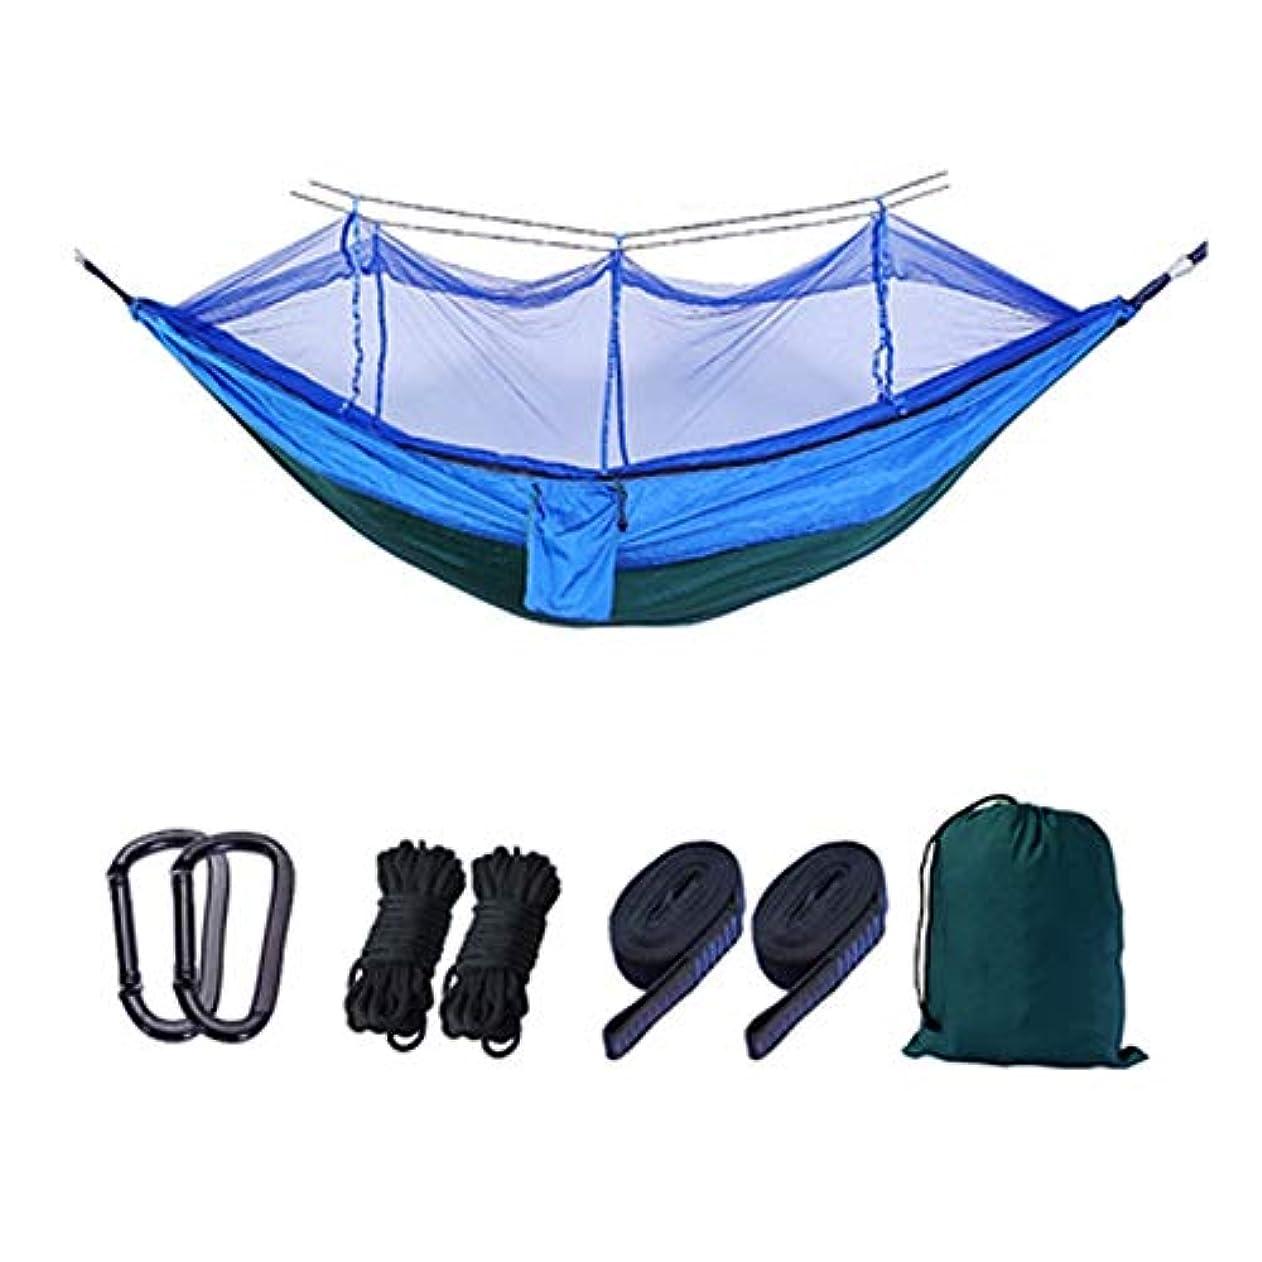 コイル召集する取り付けRMJAI 蚊帳付きキャンプハンモック、超軽量ポータブルパラシュートハンモック、ポータブルビーチスイングベッド、屋外蚊ハンモック、ベッド裏庭のポーチ102.4x55.1in (色 : C)